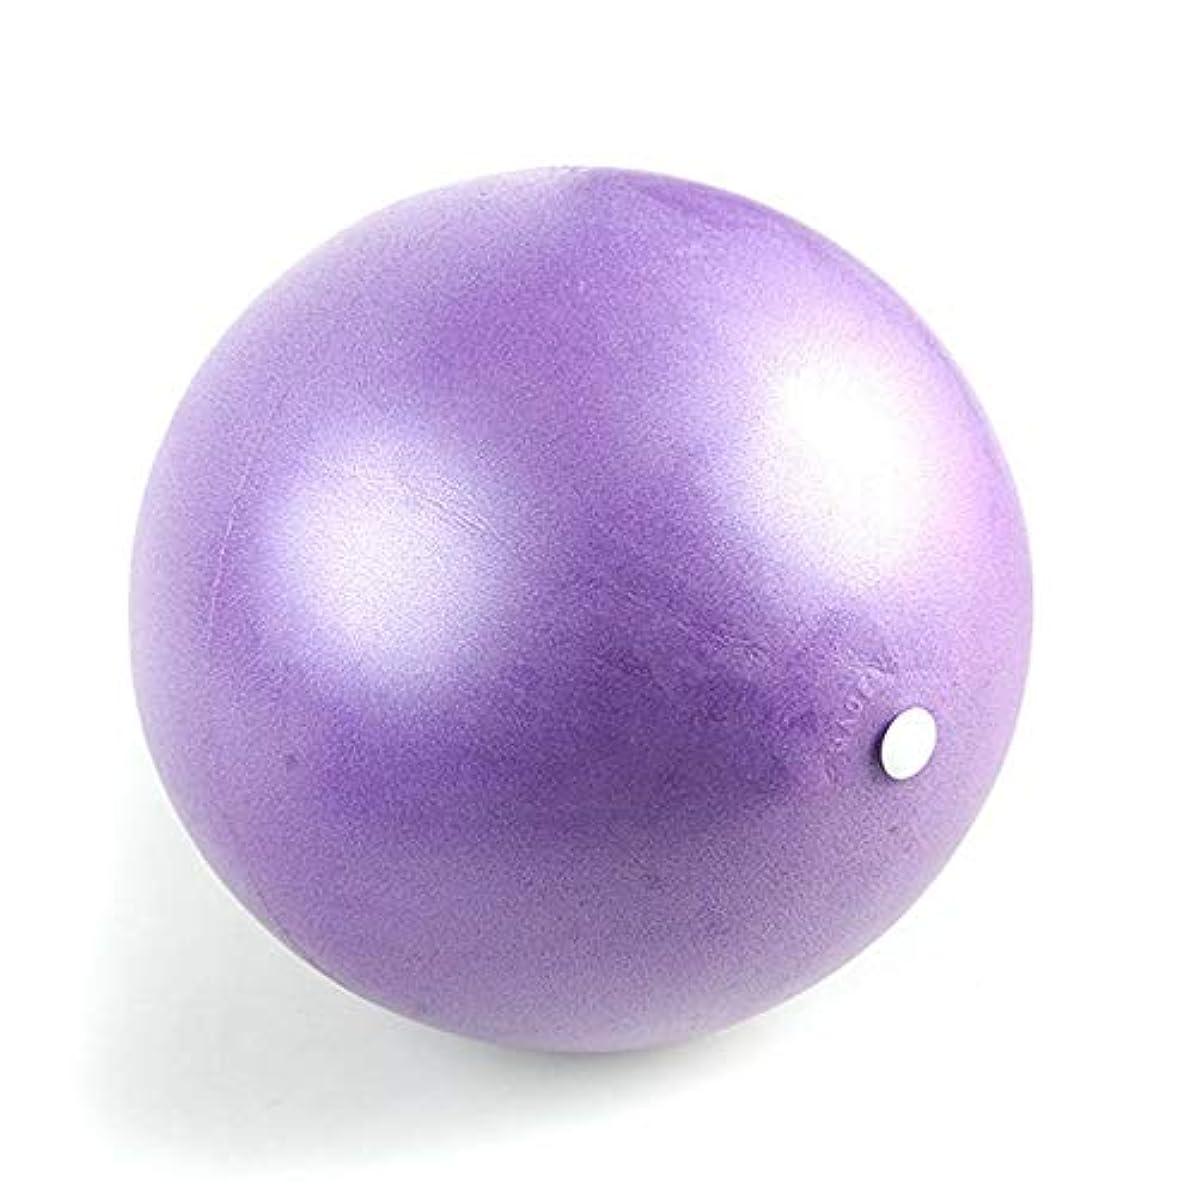 飢え論争処方ミニ25センチメートル/ 15センチフィットネス小麦チューブバランス肥厚マットピラティスヨガボール滑り止め摩耗防爆(Color:purple)